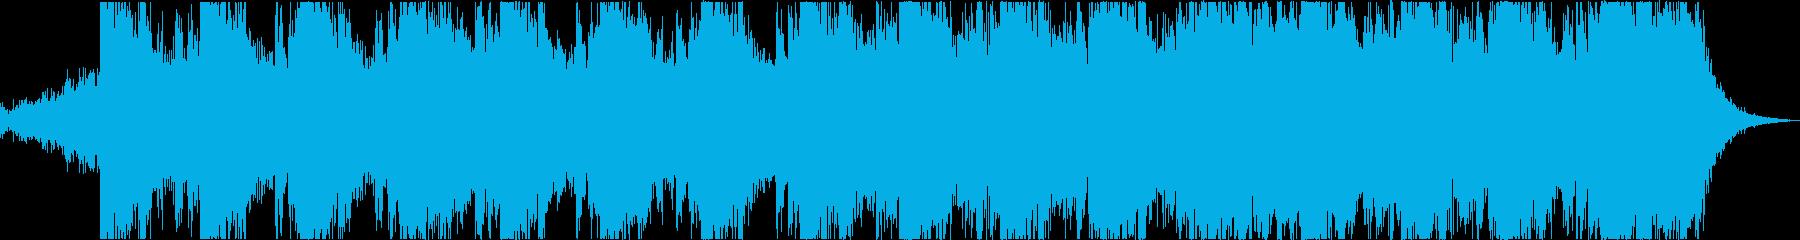 感動壮大企業VPエピックオーケストラdの再生済みの波形